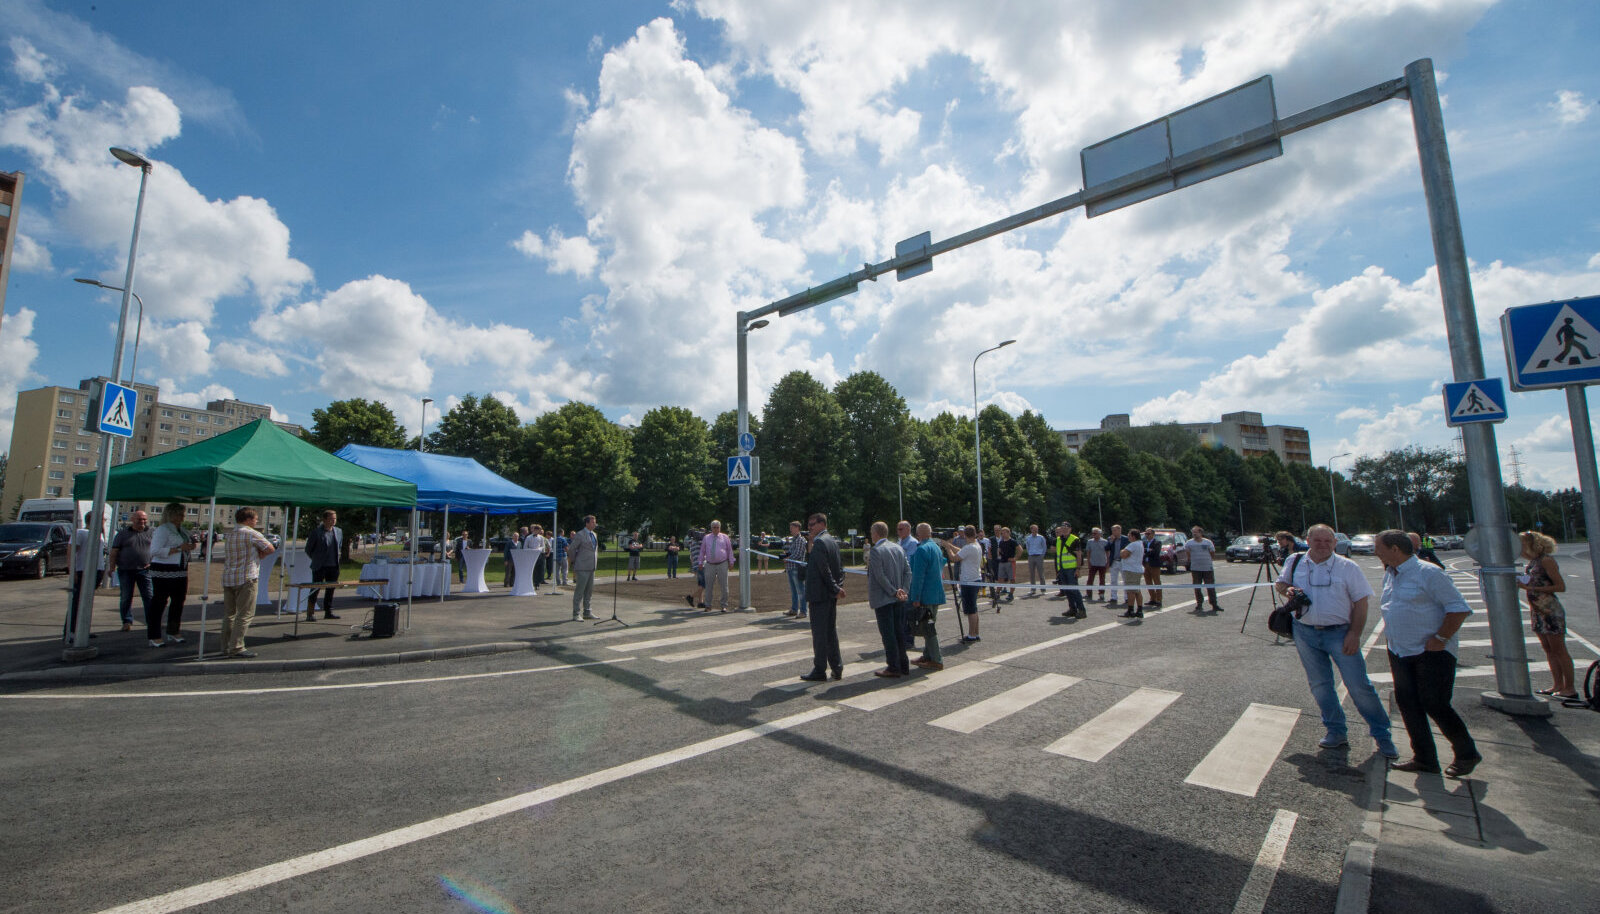 Tallinnas Paldiski maanteel betoontee katselõigu avamine möödunud aasta suvel.